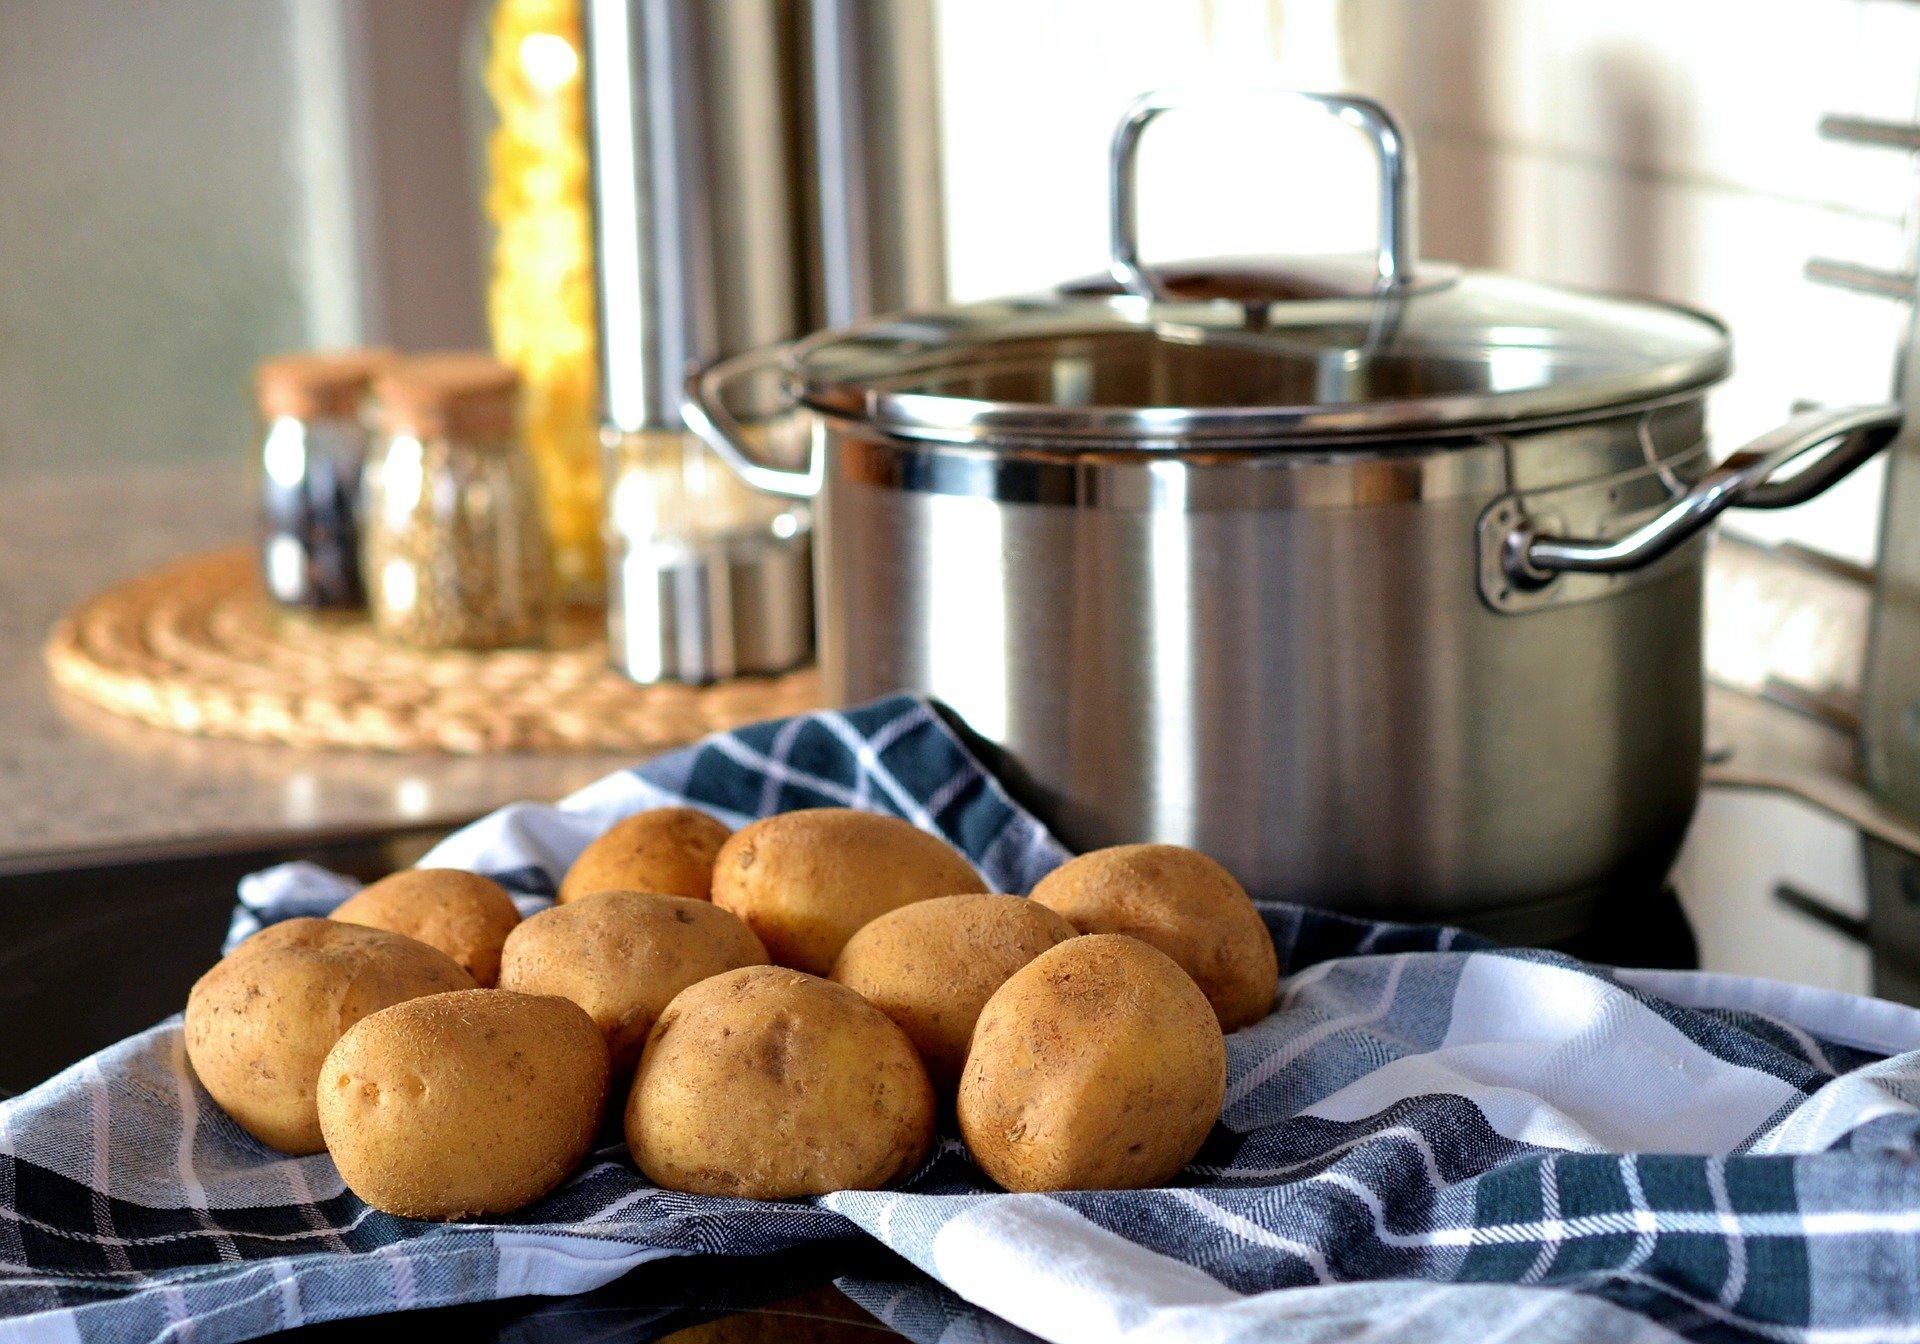 Patatas y olla en cocina. Fuente: Pixabay